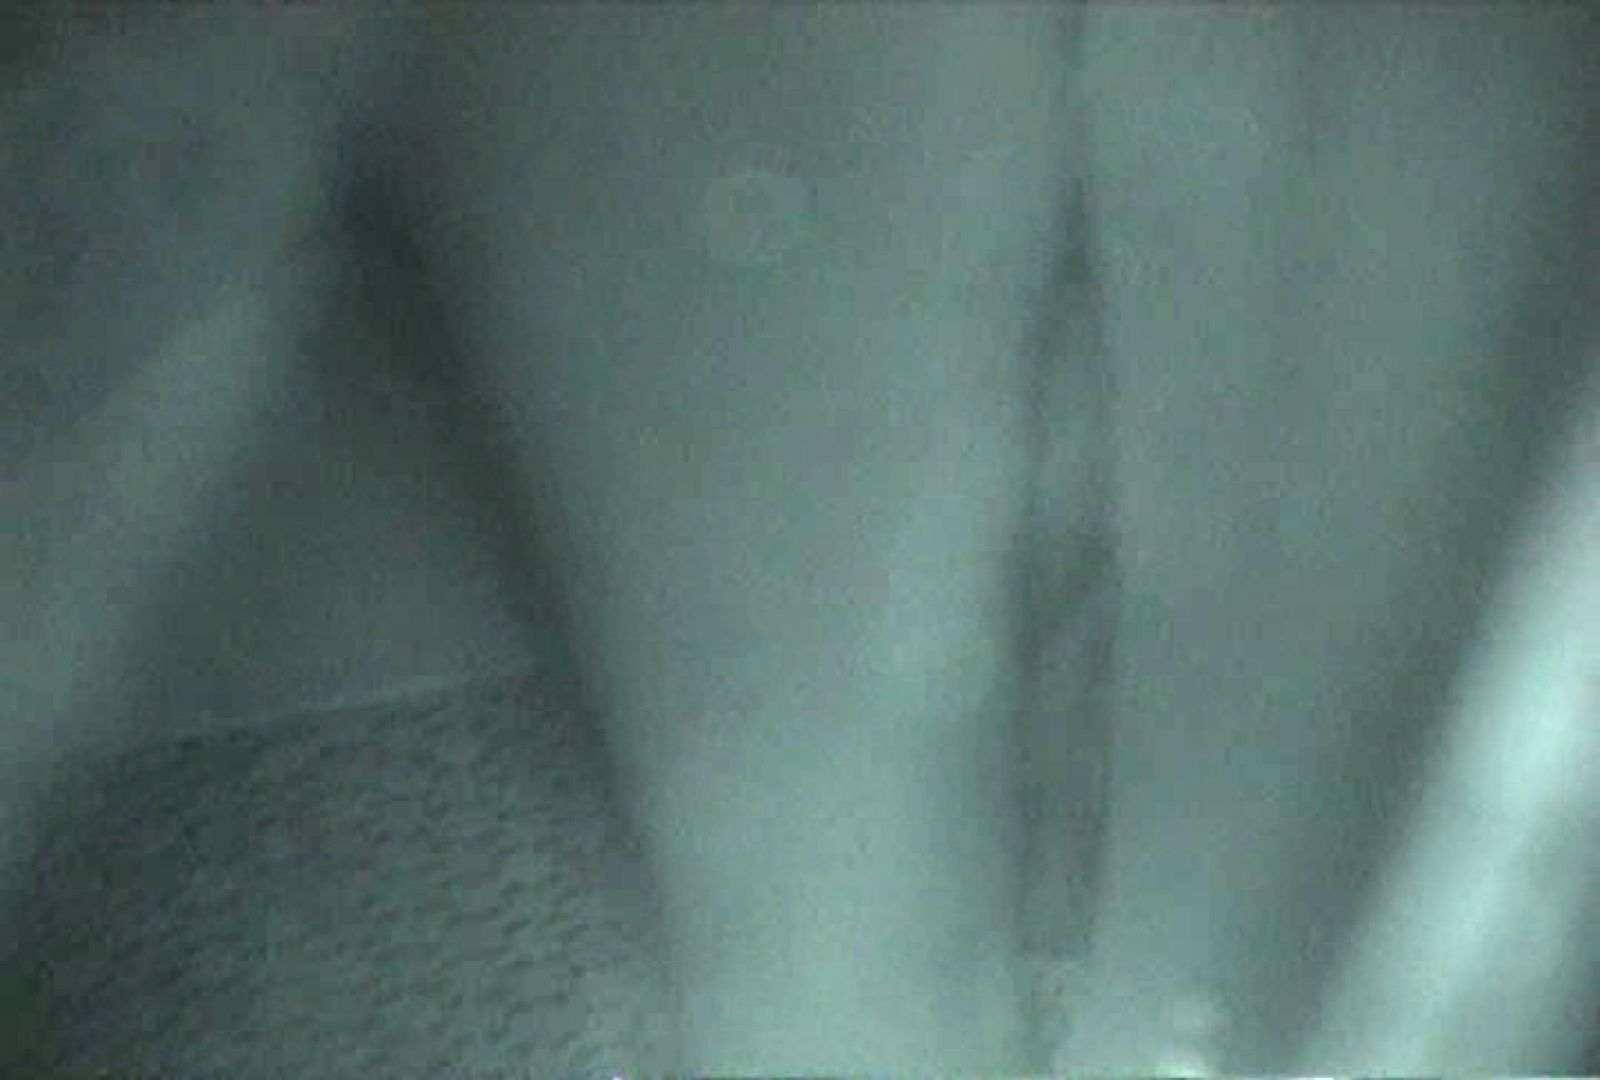 「充血監督」さんの深夜の運動会!! vol.060 カップルのセックス   お姉さん達のヌード  51連発 16